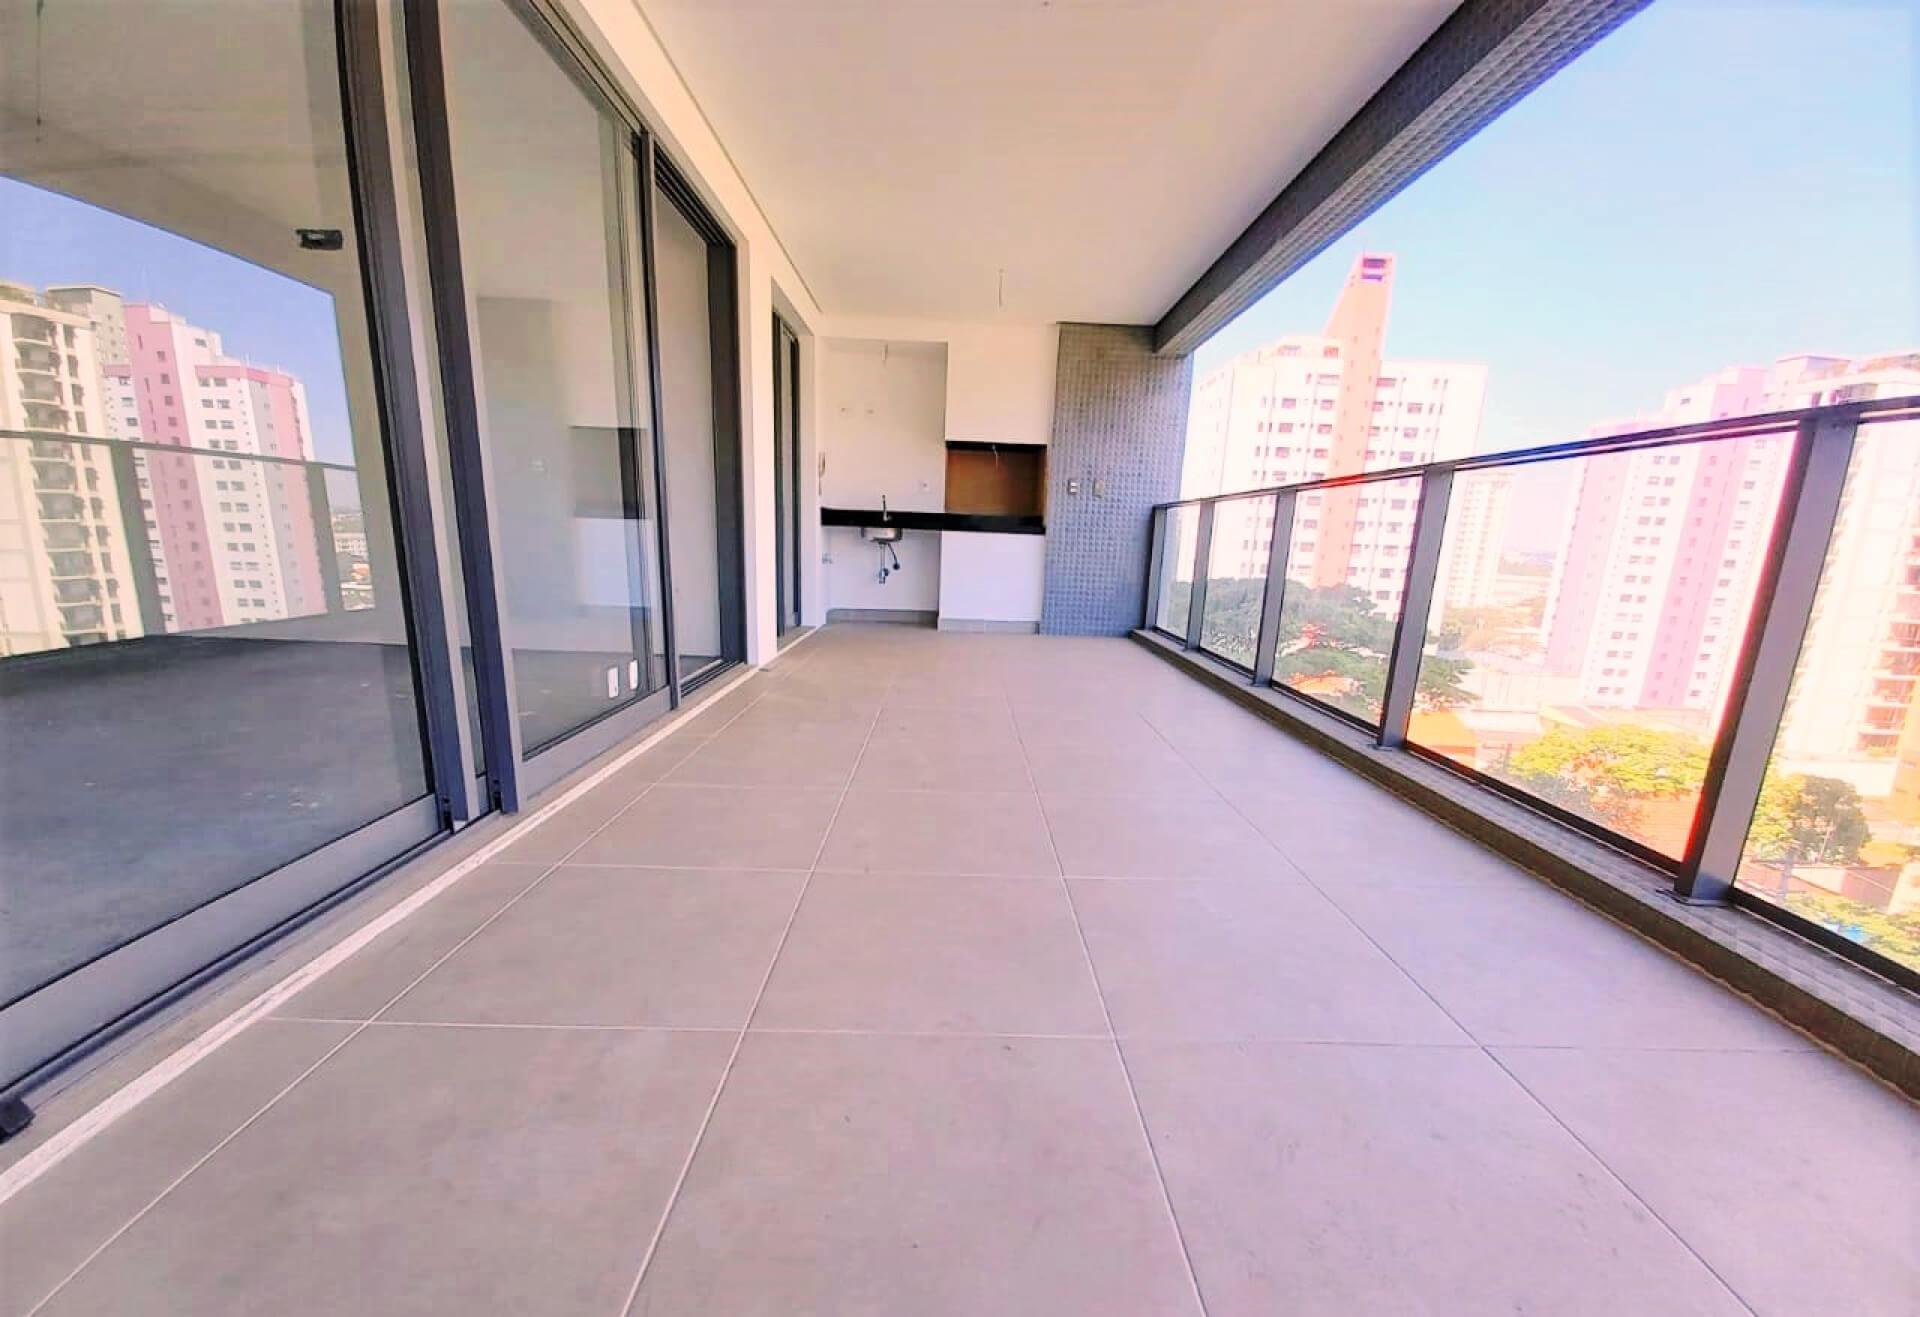 TERRAÇO GOURMET do apto de 155 m² com guarda-corpo em vidro que permite visão para o Parque Celso Daniel e para o horizonte do bairro Jardim.